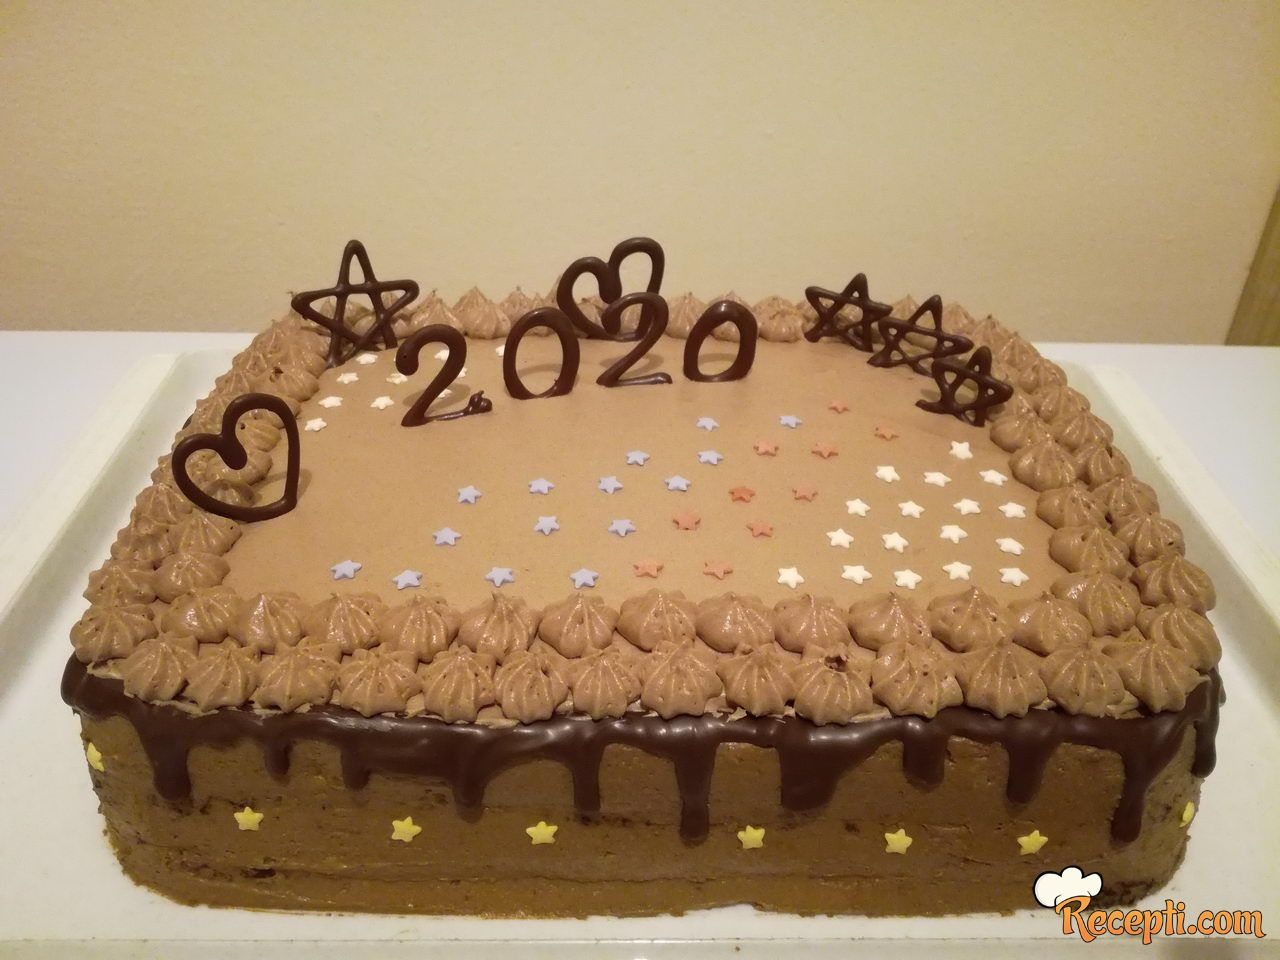 Čokoladna torta sa lešnicima, eurokremom i napolitankama (Ferrero)